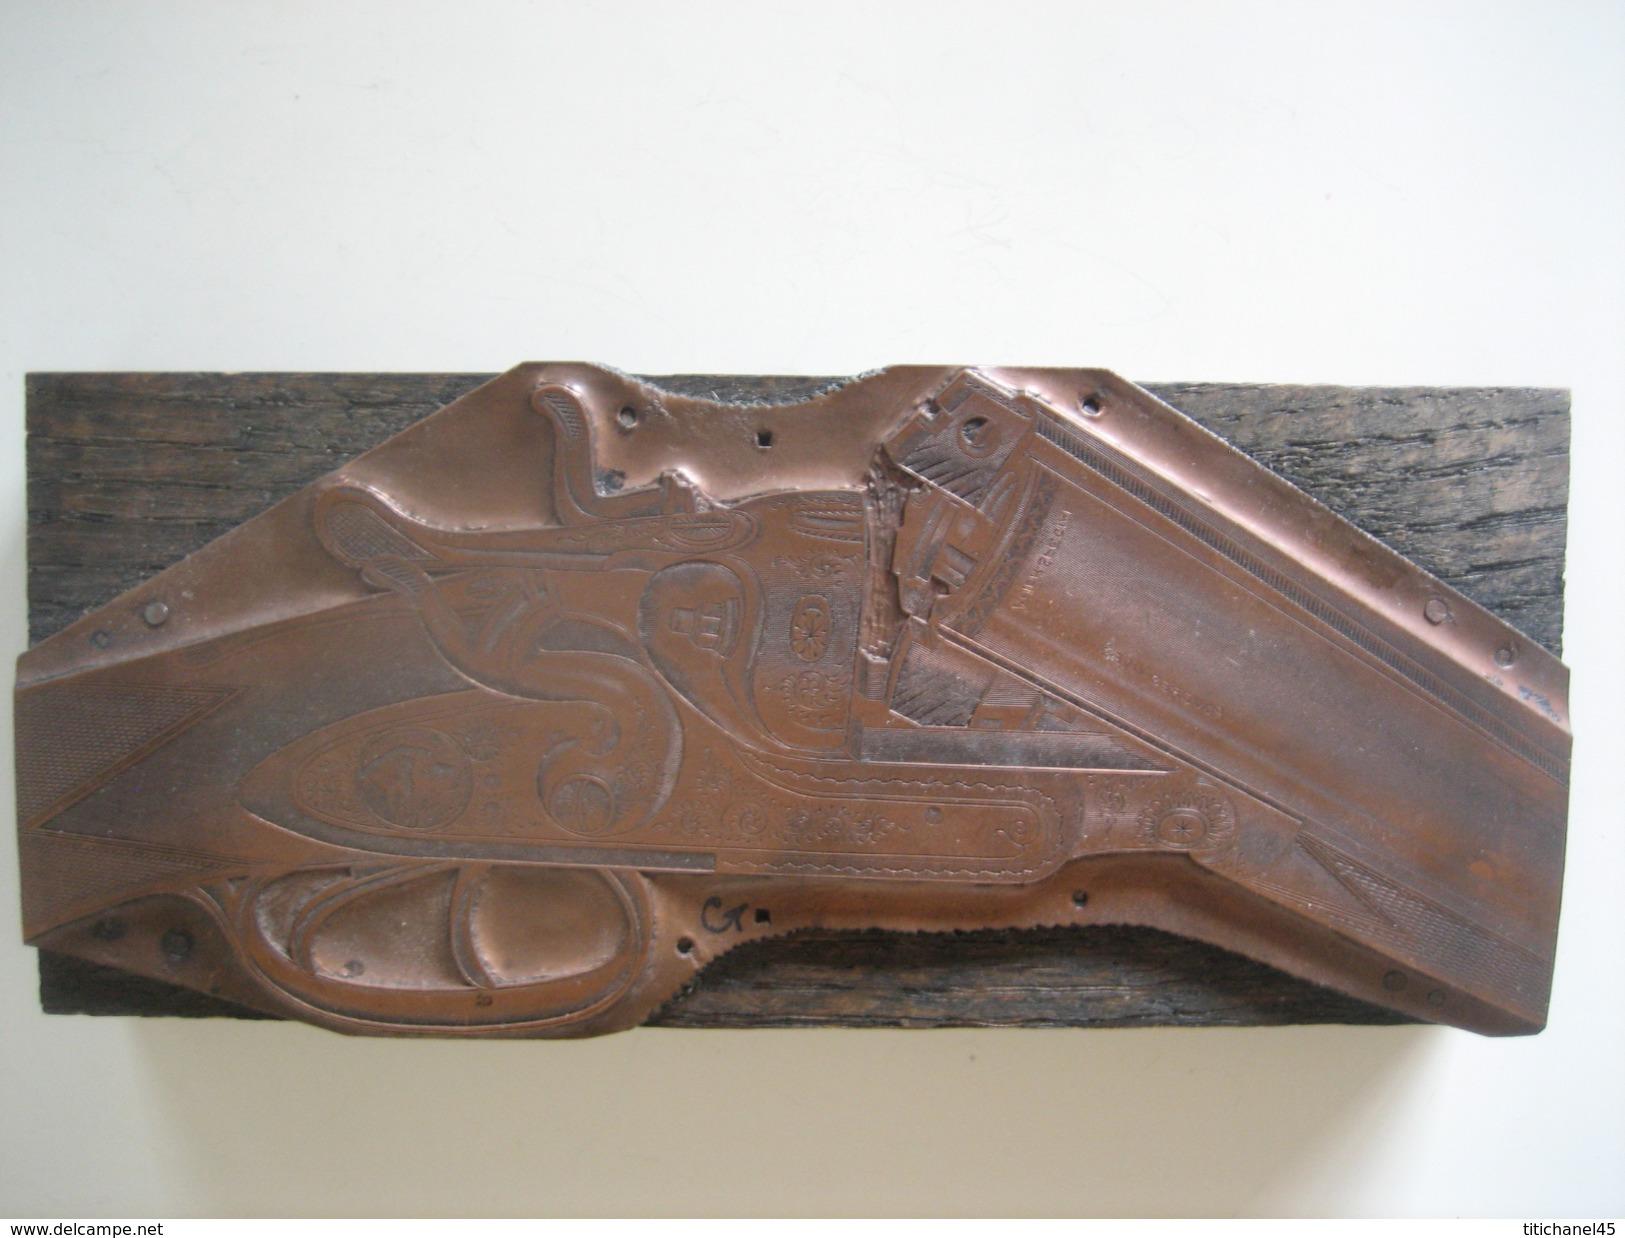 Ancienne Matrice D'imprimerie En Cuivre Rouge Sur Bois - Gravure Sur Cuivre D'un Fusil De Chasse De Luxe - Outils